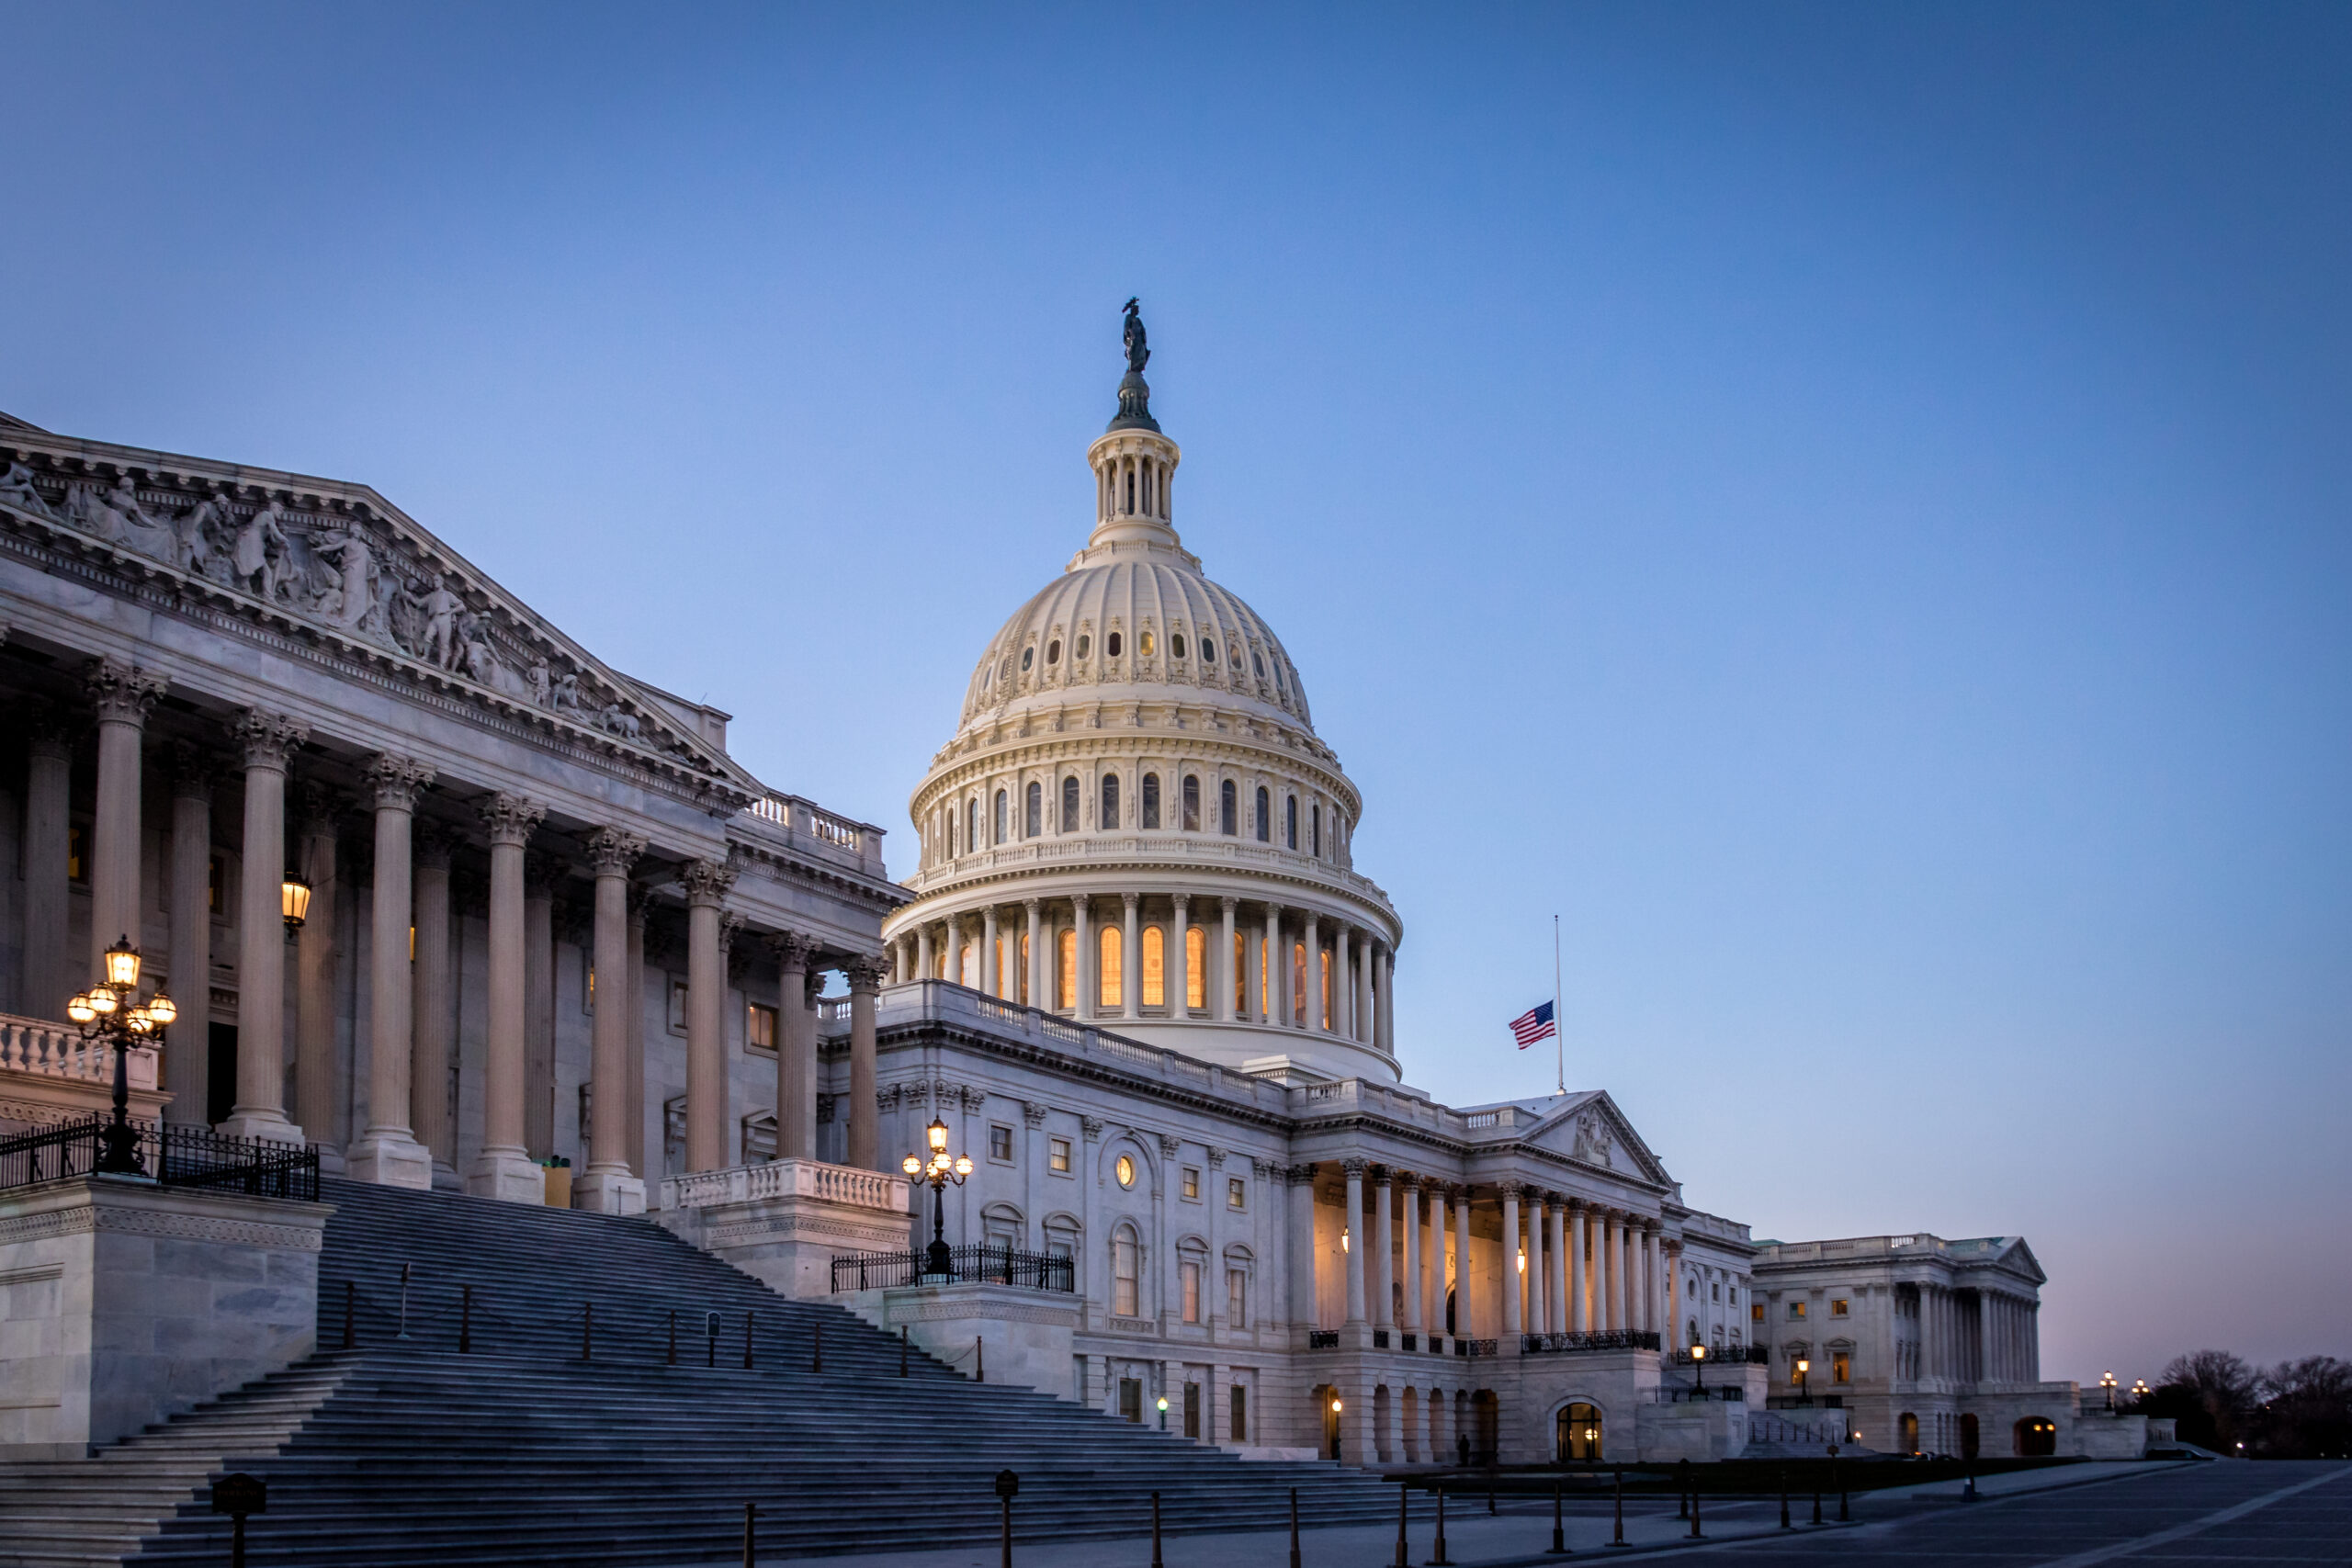 United States Capitol Building At Sunset, Washington Dc, Usa